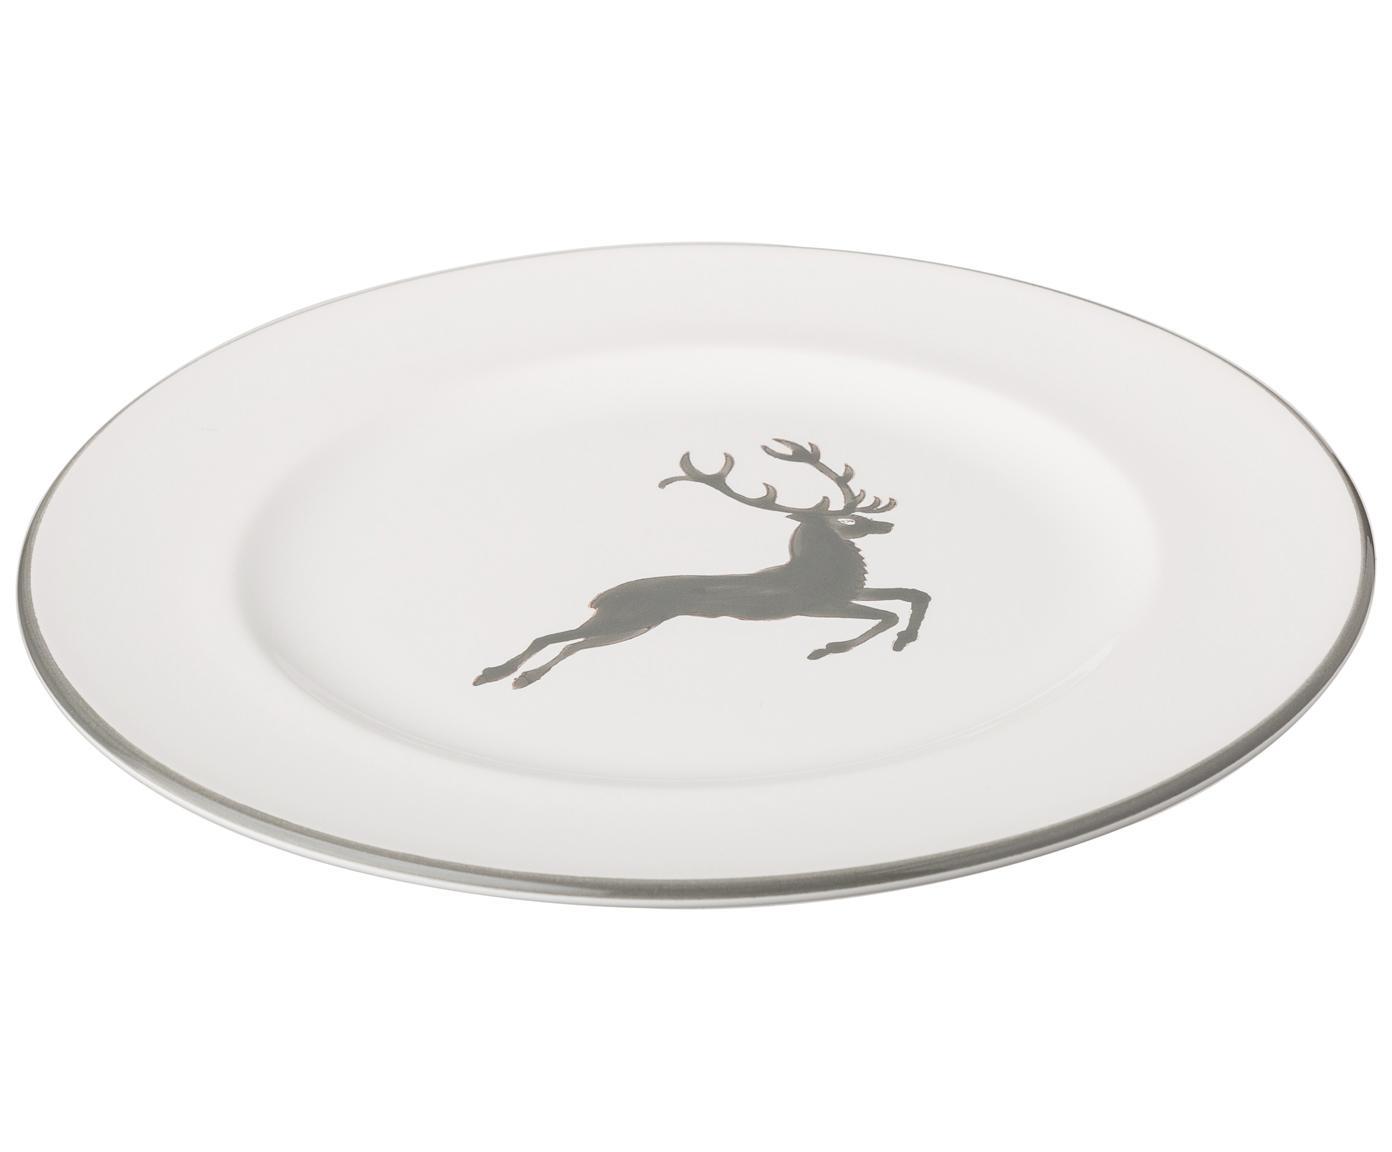 Piatto da dessert dipinto a mano Gourmet Grauer Hirsch, Ceramica, Grigio, bianco, Ø 22 cm